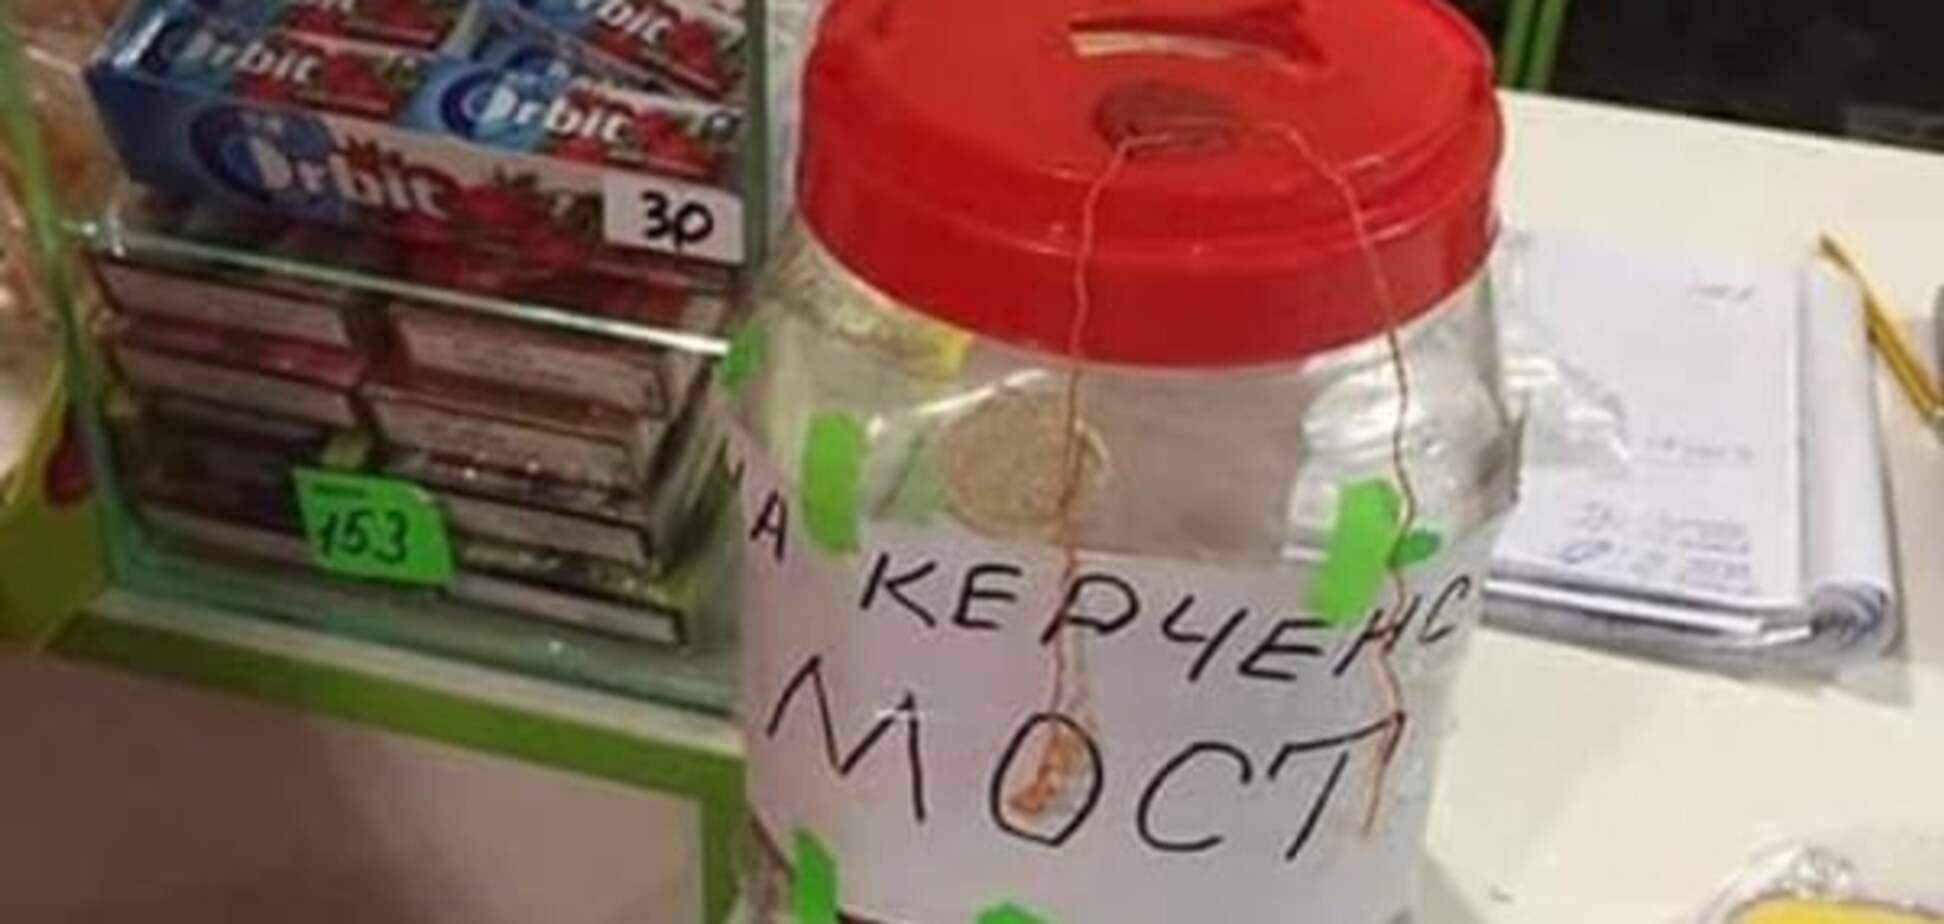 Подайте на будівництво! У Криму показали, звідки беруться гроші на Керченський міст: фотофакт